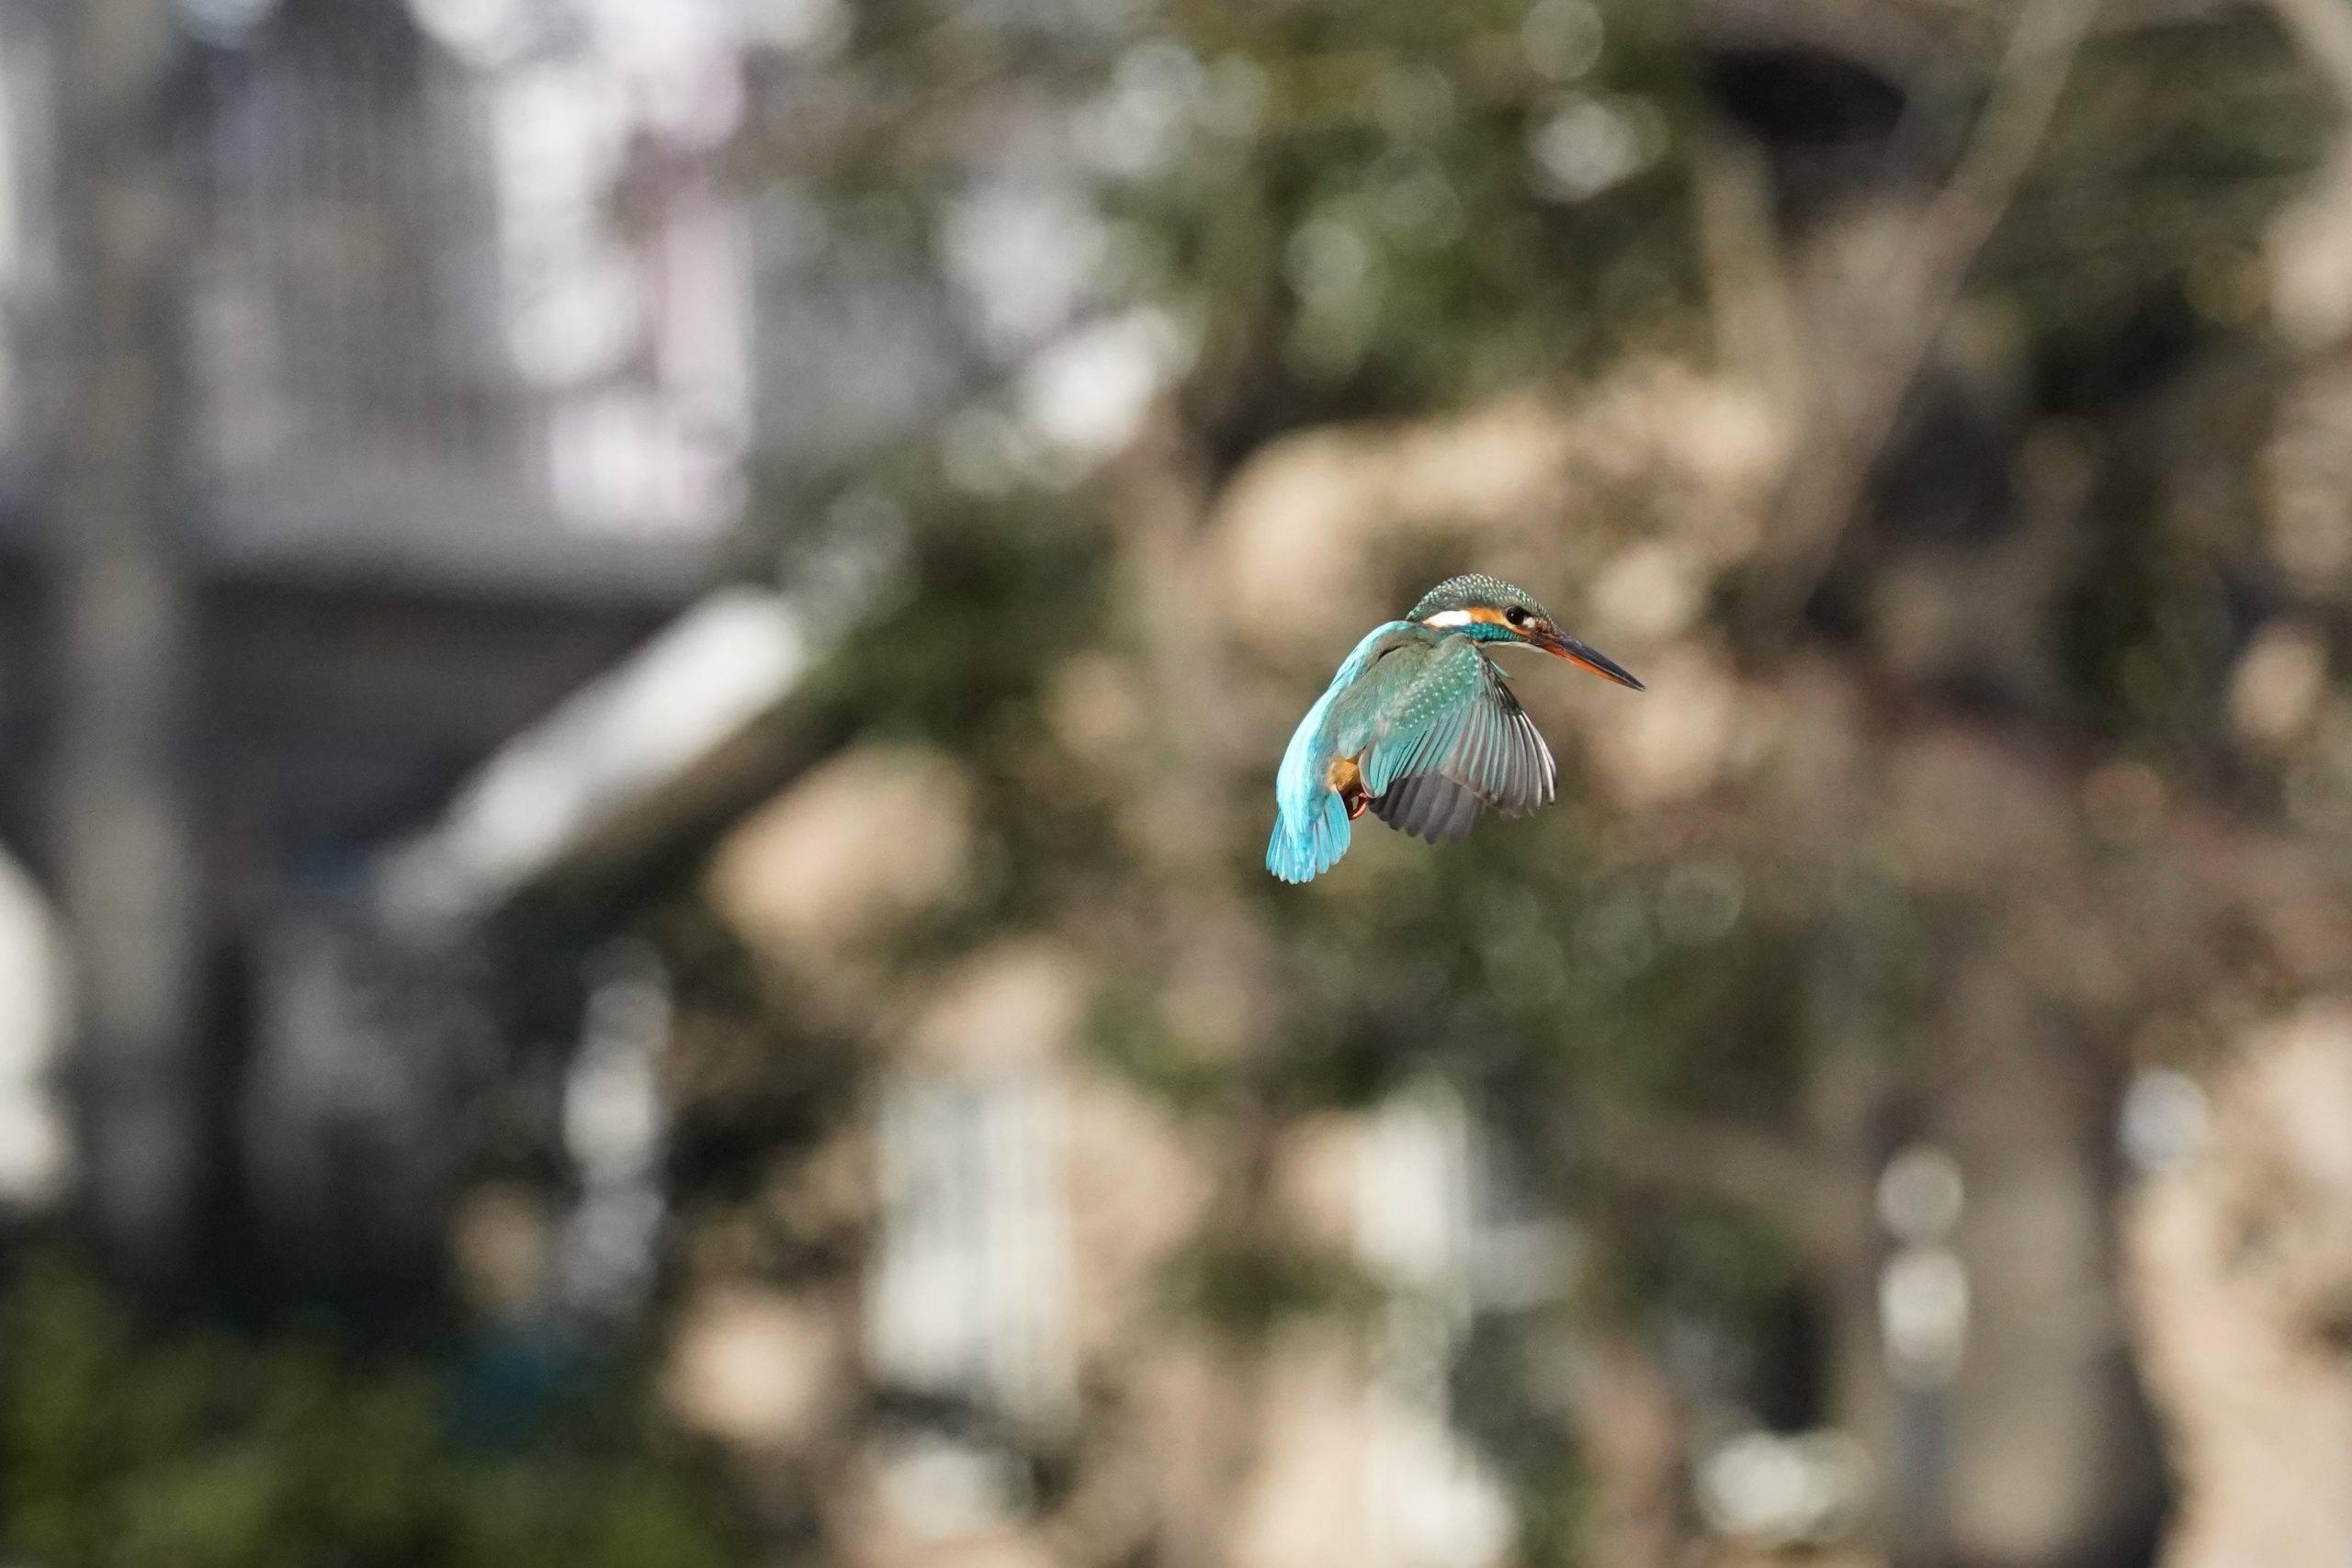 【SONY】清流の宝石「カワセミ」